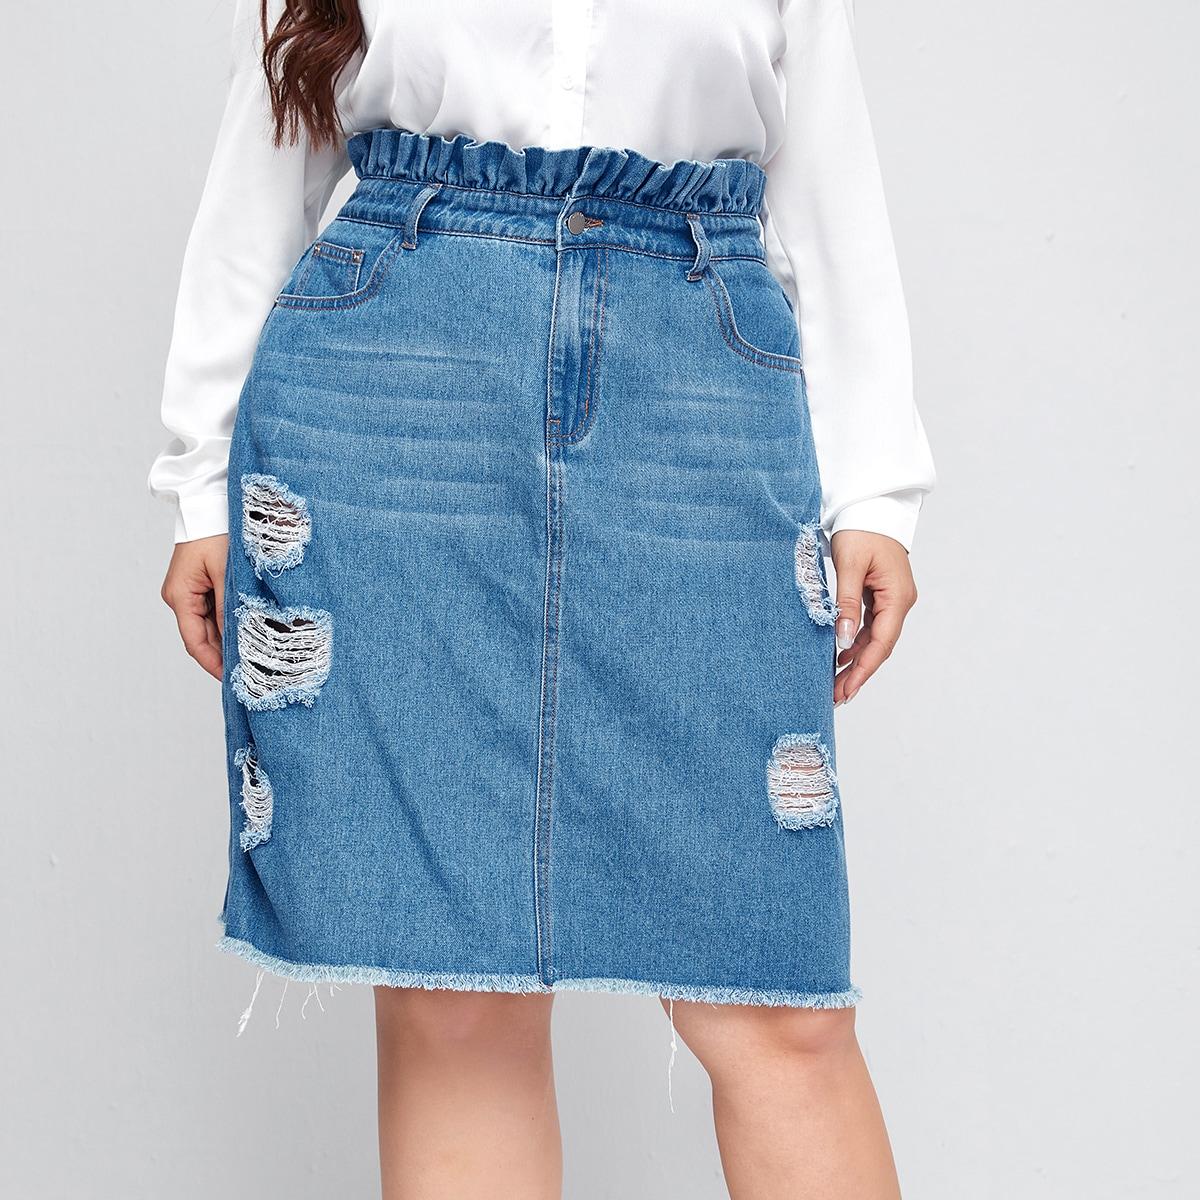 Рваная джинсовая юбка размера плюс с присборенной талией